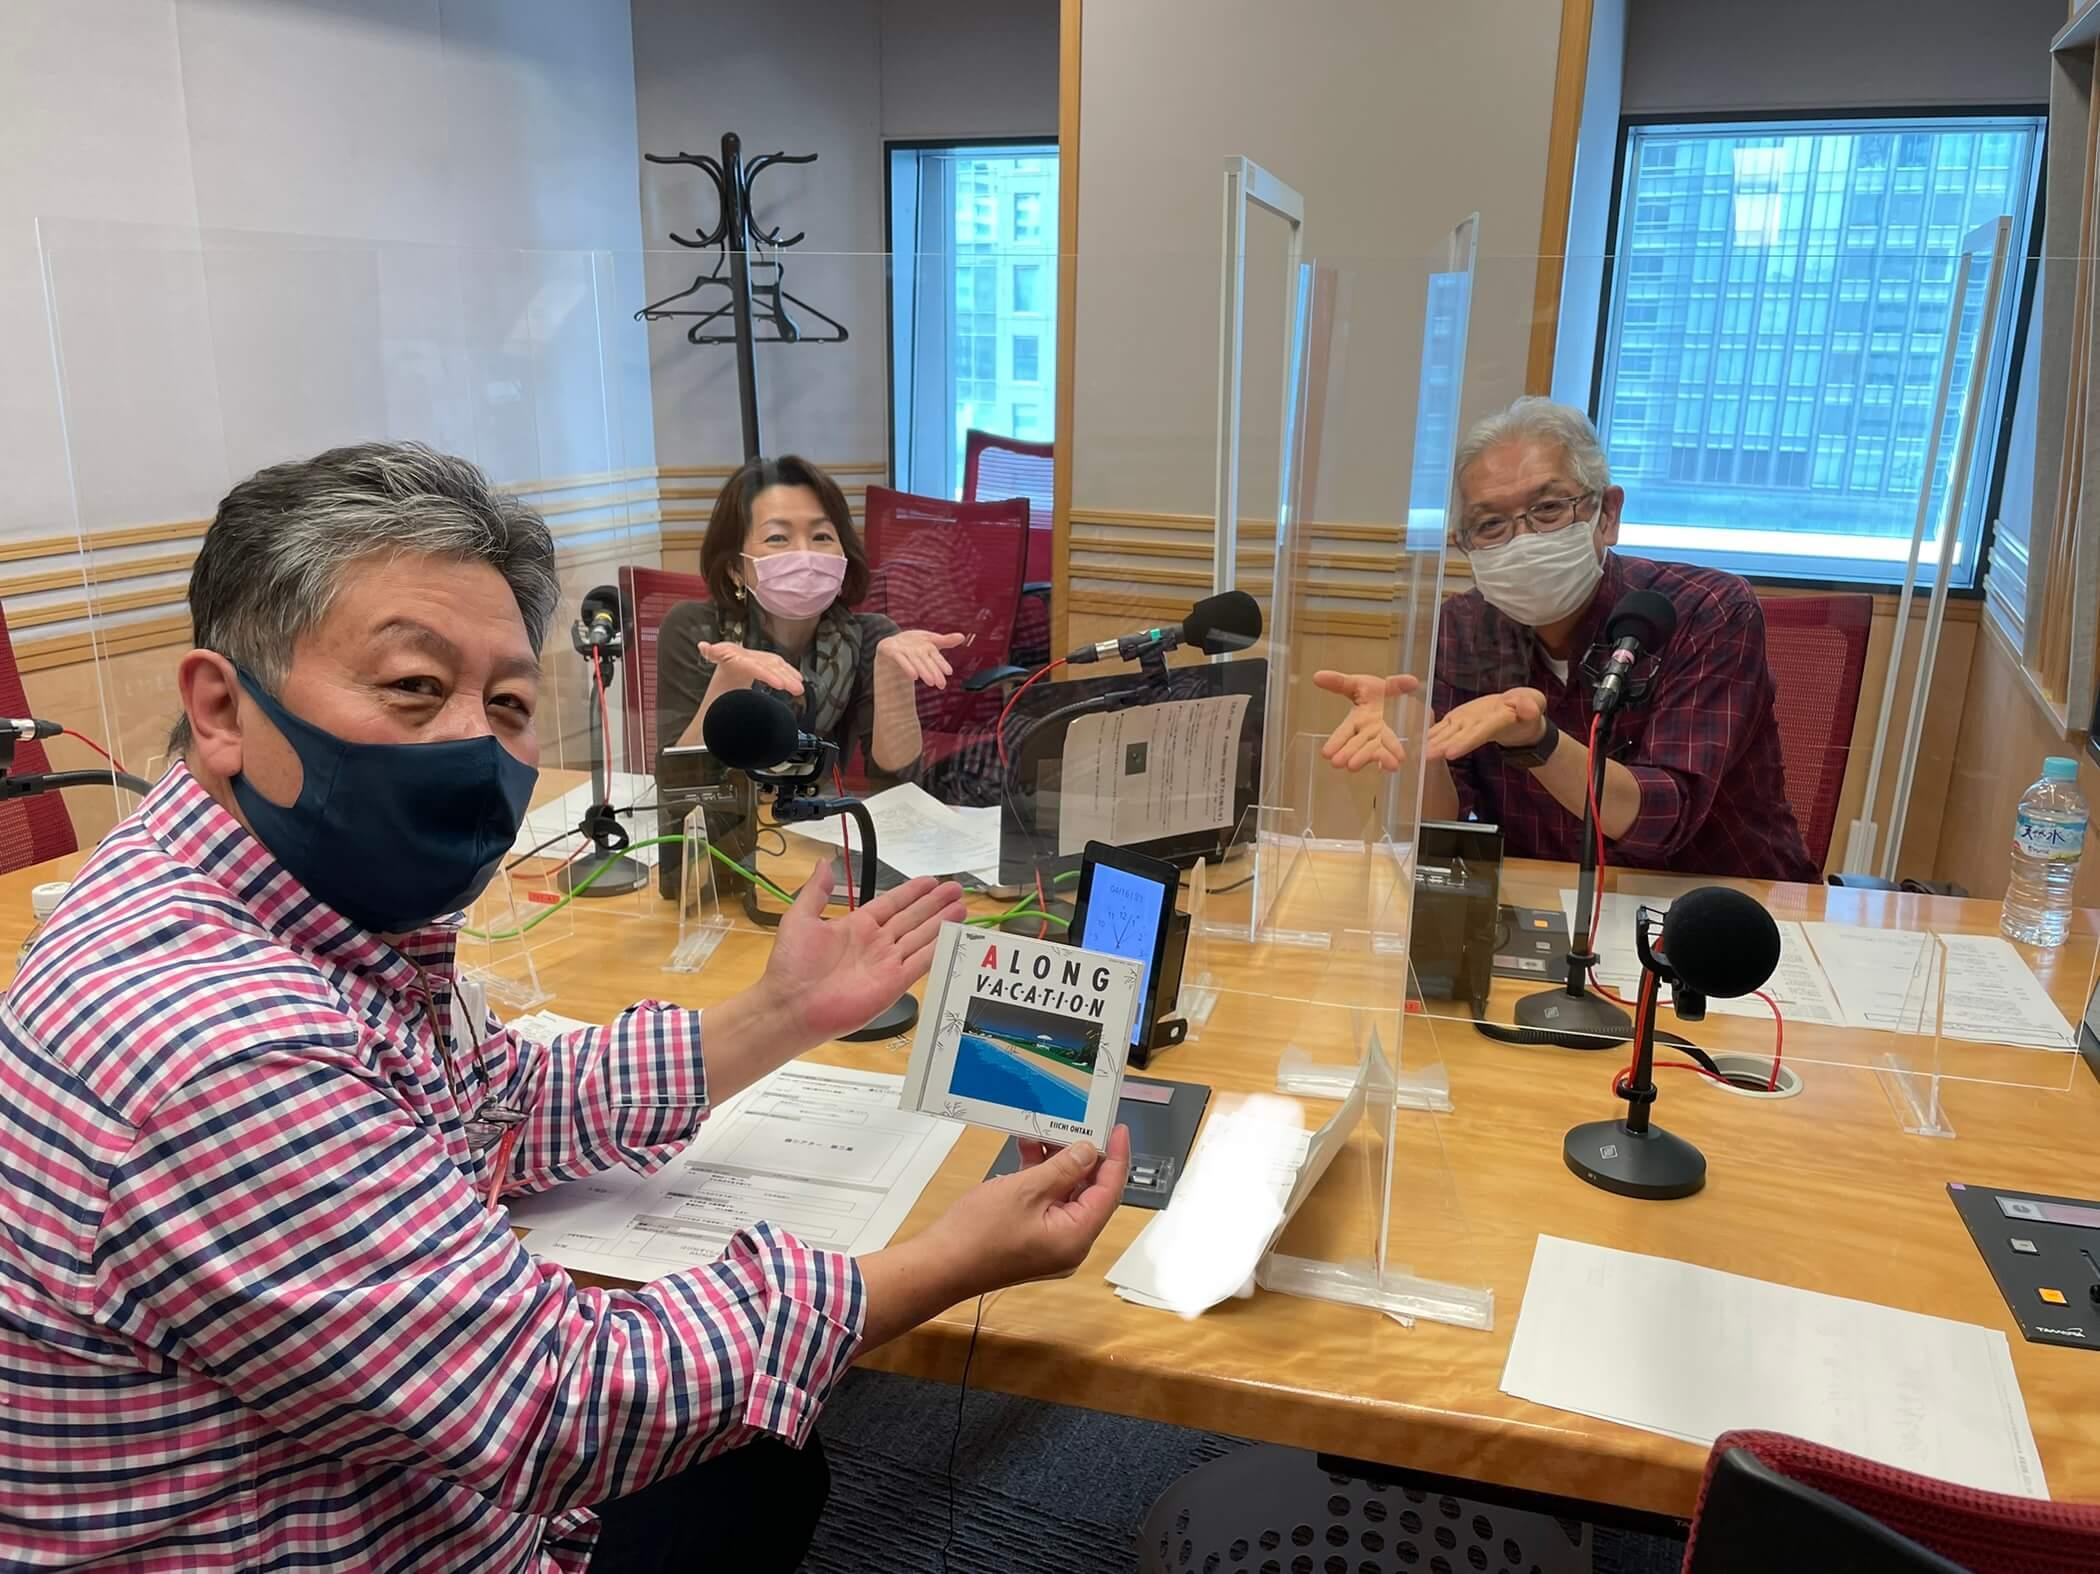 『くにまるジャパン極・極シアター』4月16日(金)のお客様:萩原健太さん